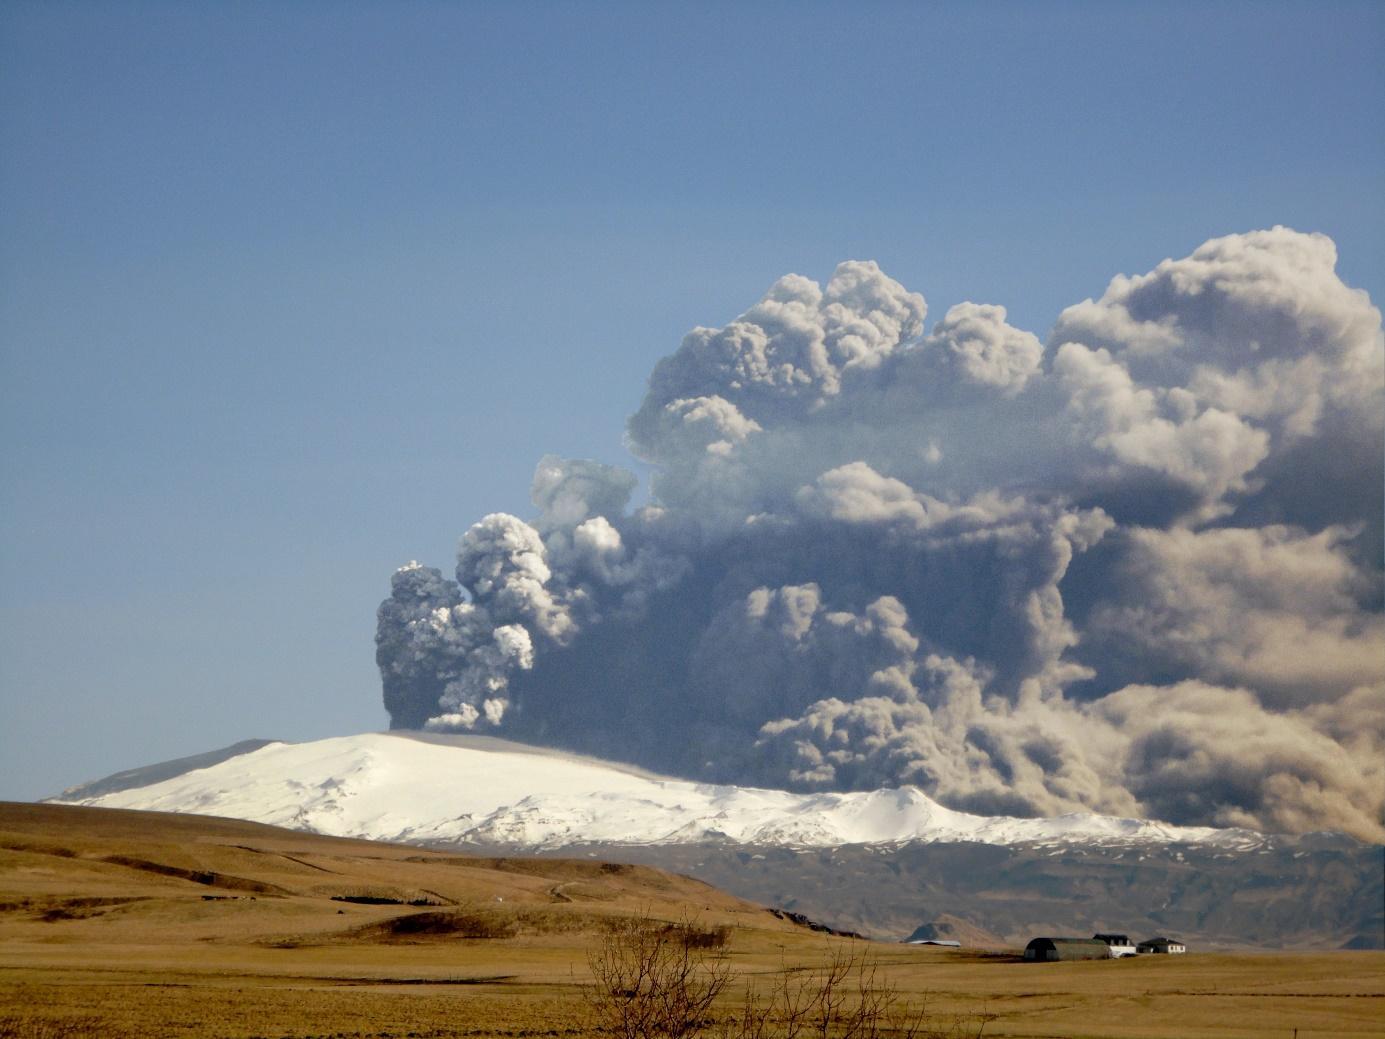 File:Eyjafjallajokull-April-17.JPG - Wikimedia Commons